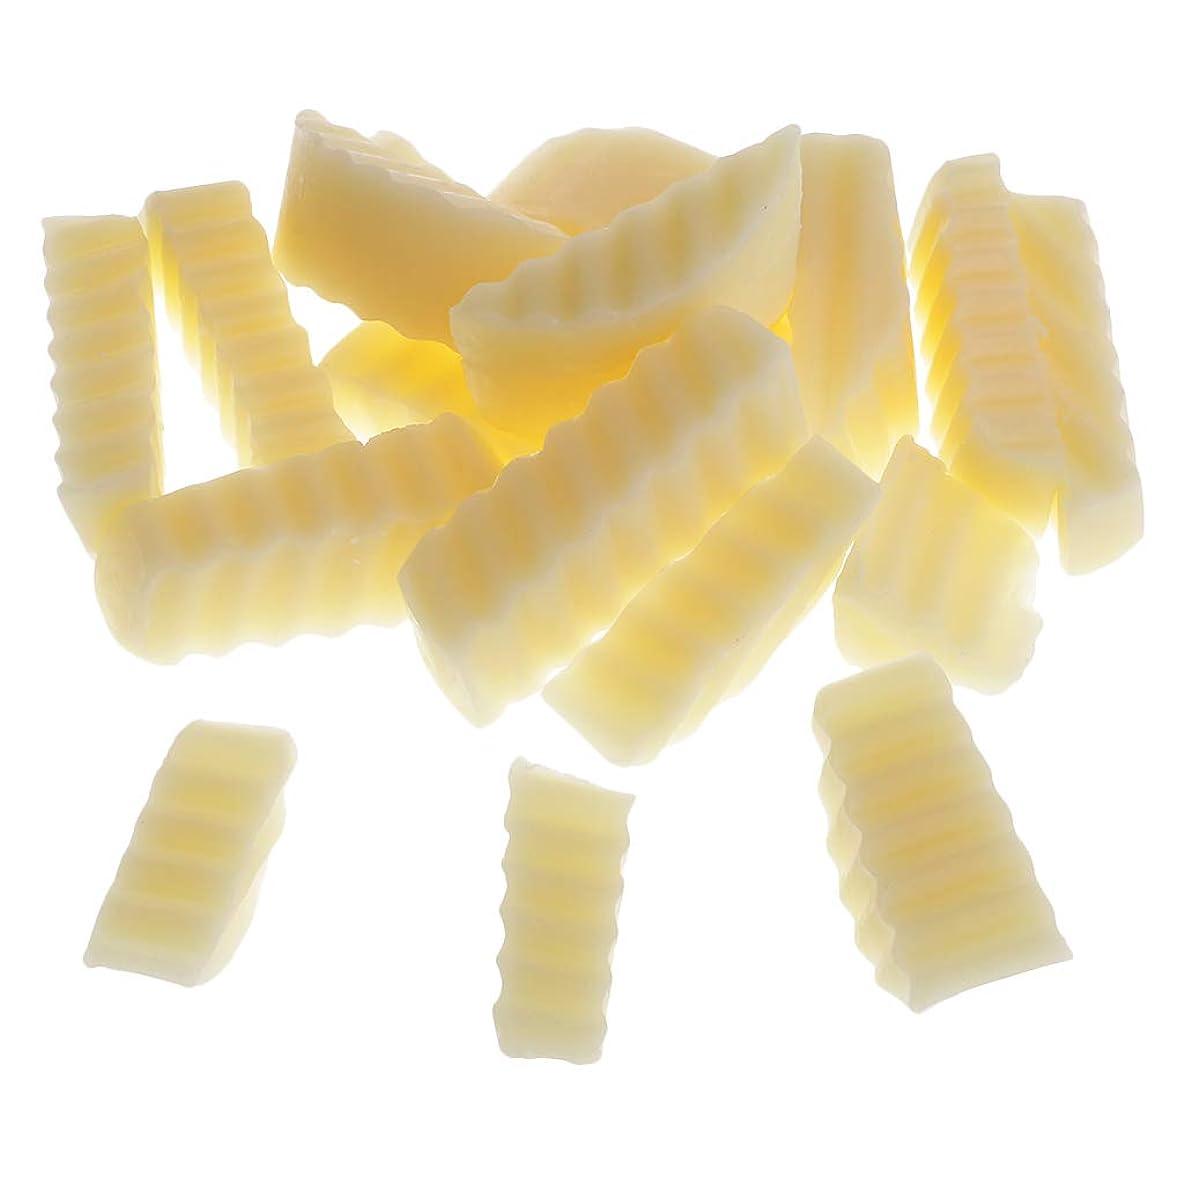 学ぶ説教抗議FLAMEER ラノリン石鹸 自然な素材 DIY手作り 石鹸 固形せっけん 約250g /パック 高品質